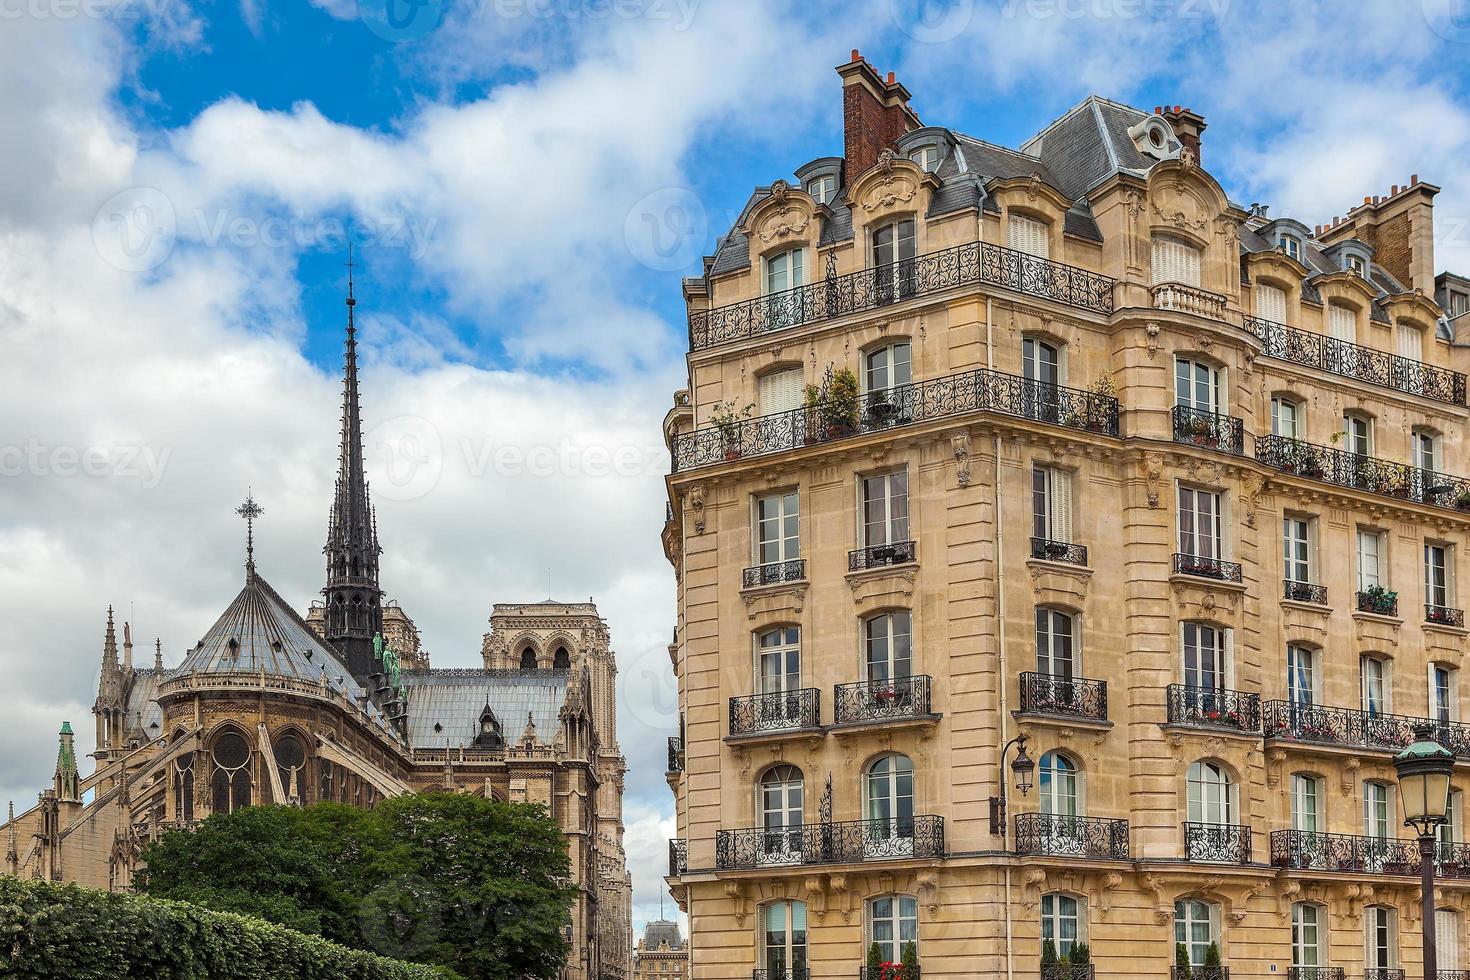 parisisk byggnad och katedralen Notre Dame de Paris. foto